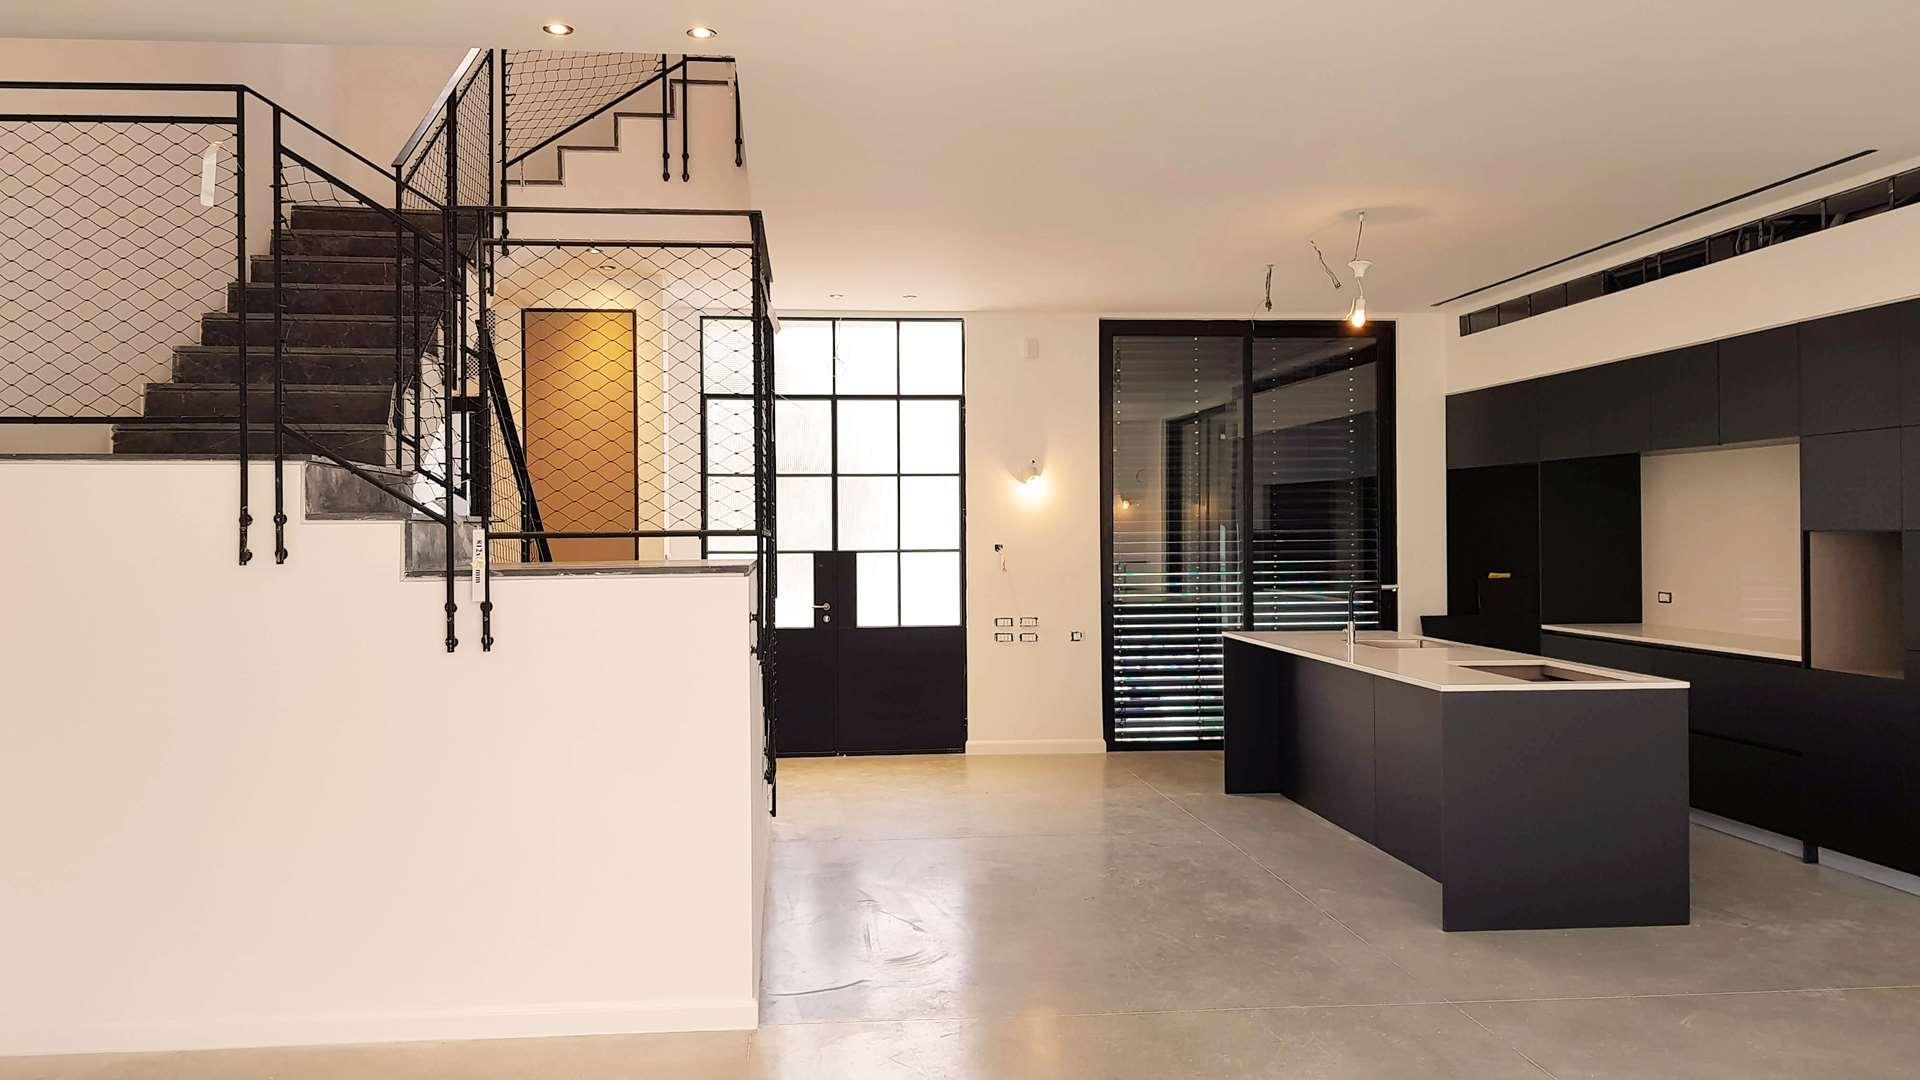 בית פרטי, 6 חדרים, הנוטר 3, אבן ...